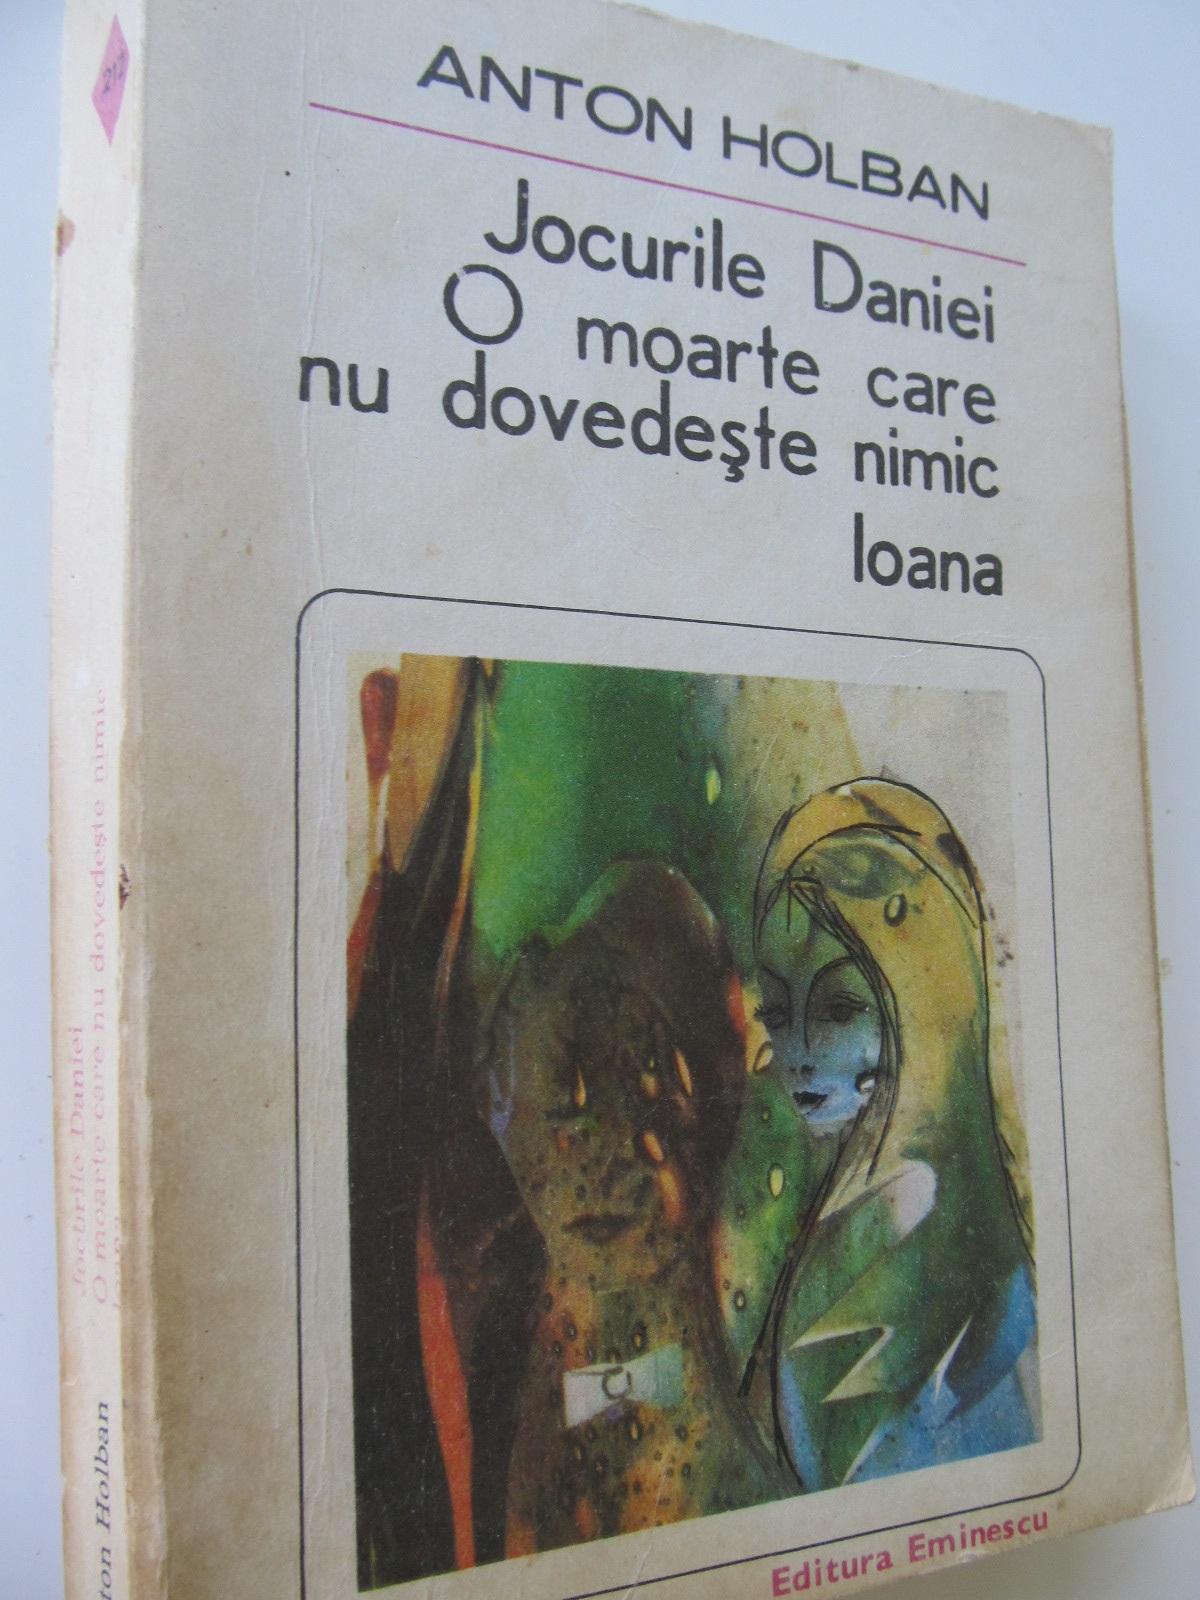 Jocurile Daniei. O moarte care nu dovedeste nimic. Ioana - Anton Holban | Detalii carte